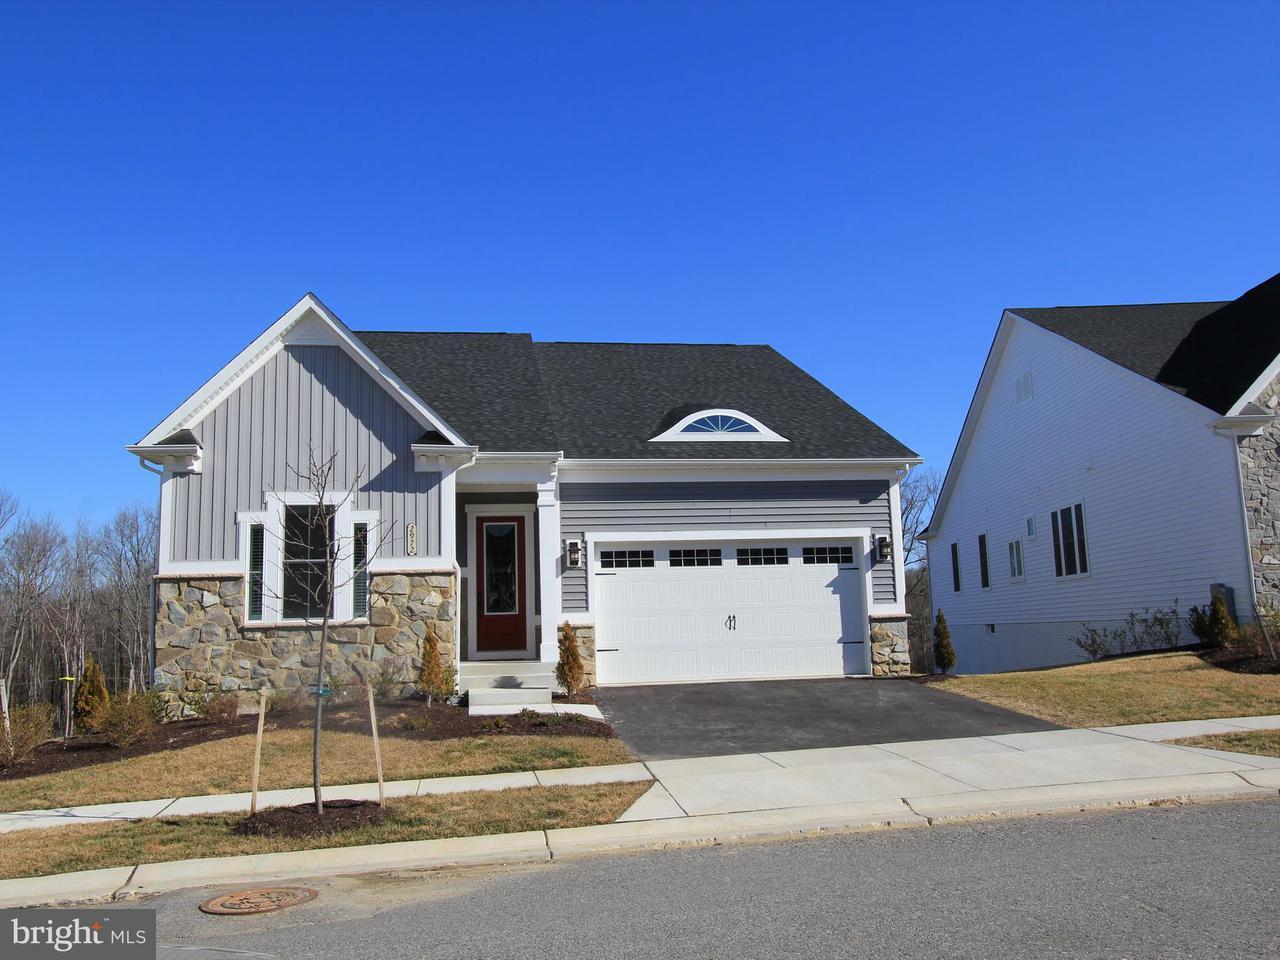 獨棟家庭住宅 為 出售 在 2972 Levee Drive 2972 Levee Drive Odenton, 馬里蘭州 21113 美國